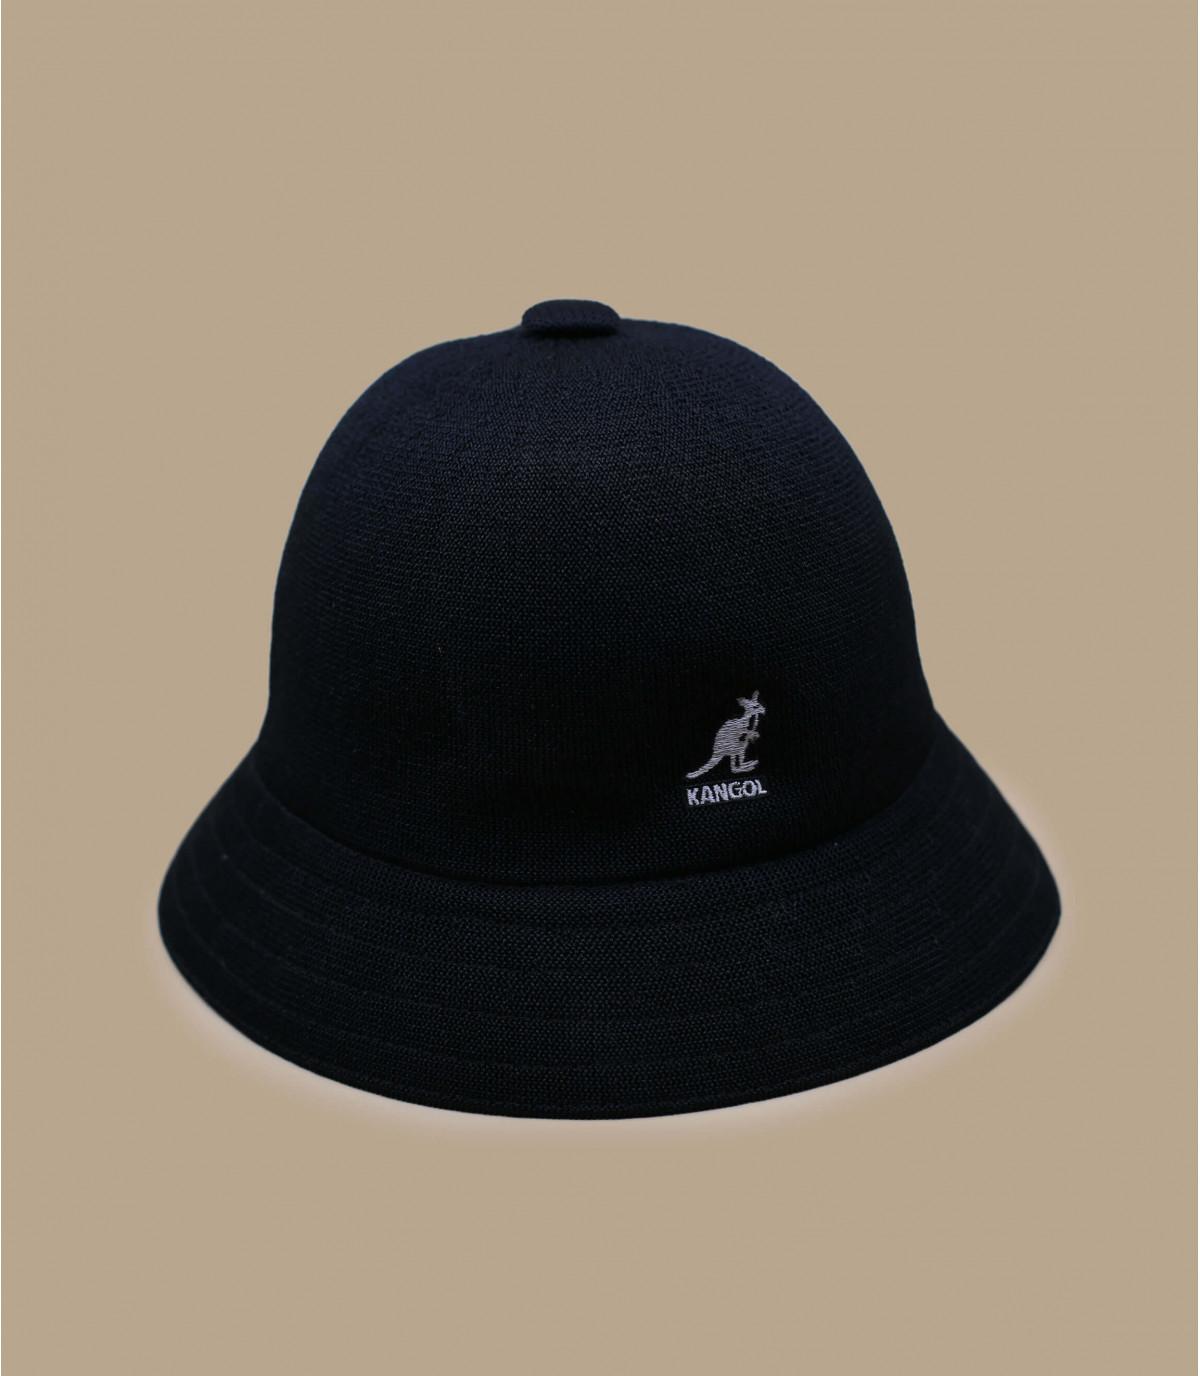 Kangol zwarte Tropic vissershoed